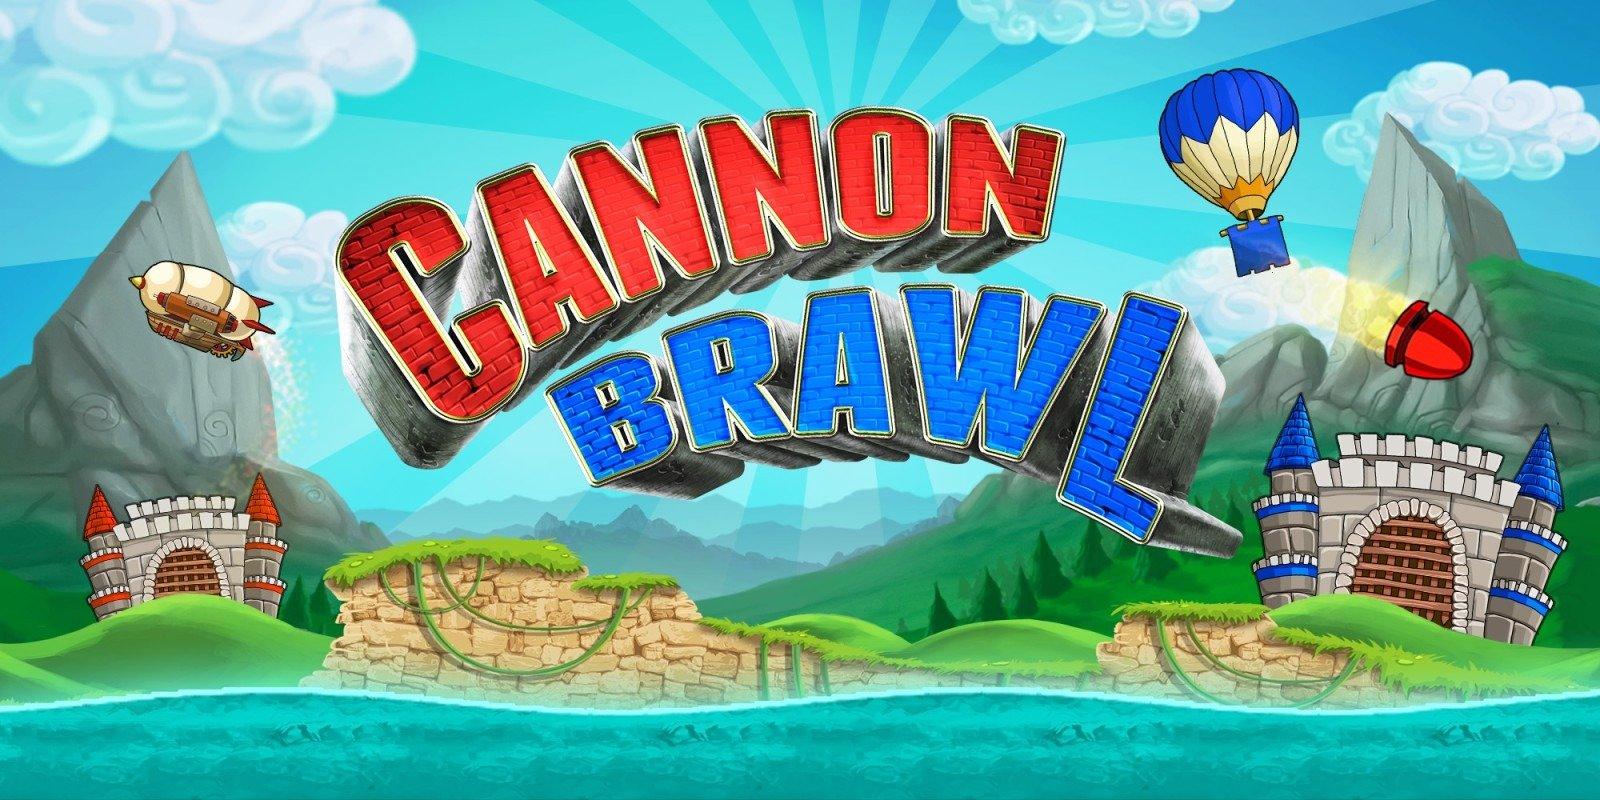 Cannon Brawl: artilharia 2D e estratégia chegam ao Switch em Abril